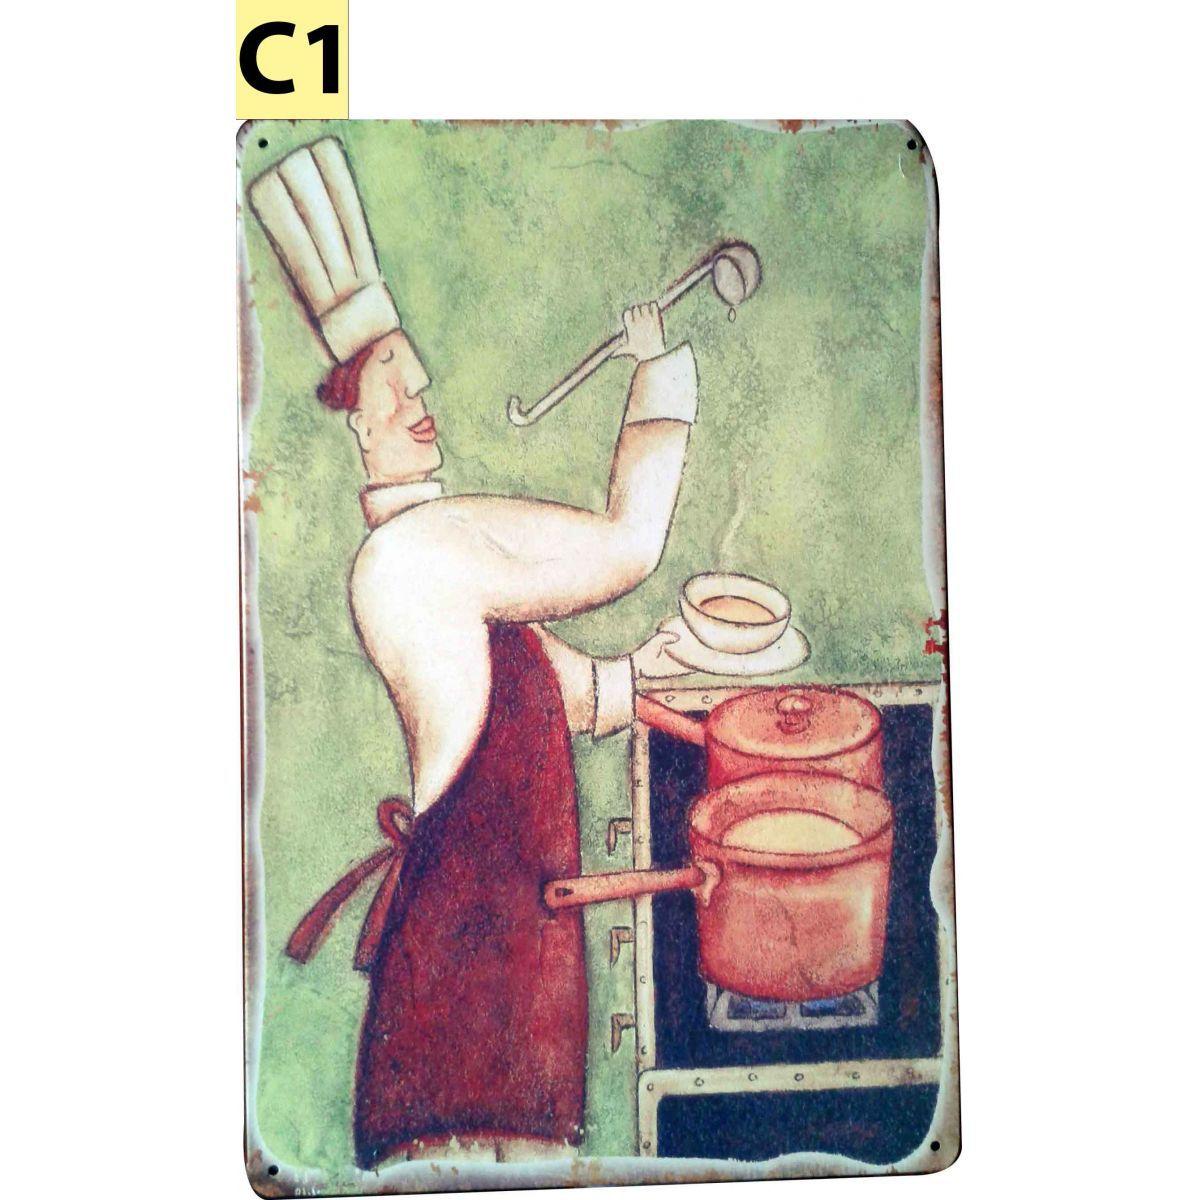 Placa Decorativa Vintage Cozinha Chefe Gourmet - Frete Grátis  - Mundo Thata